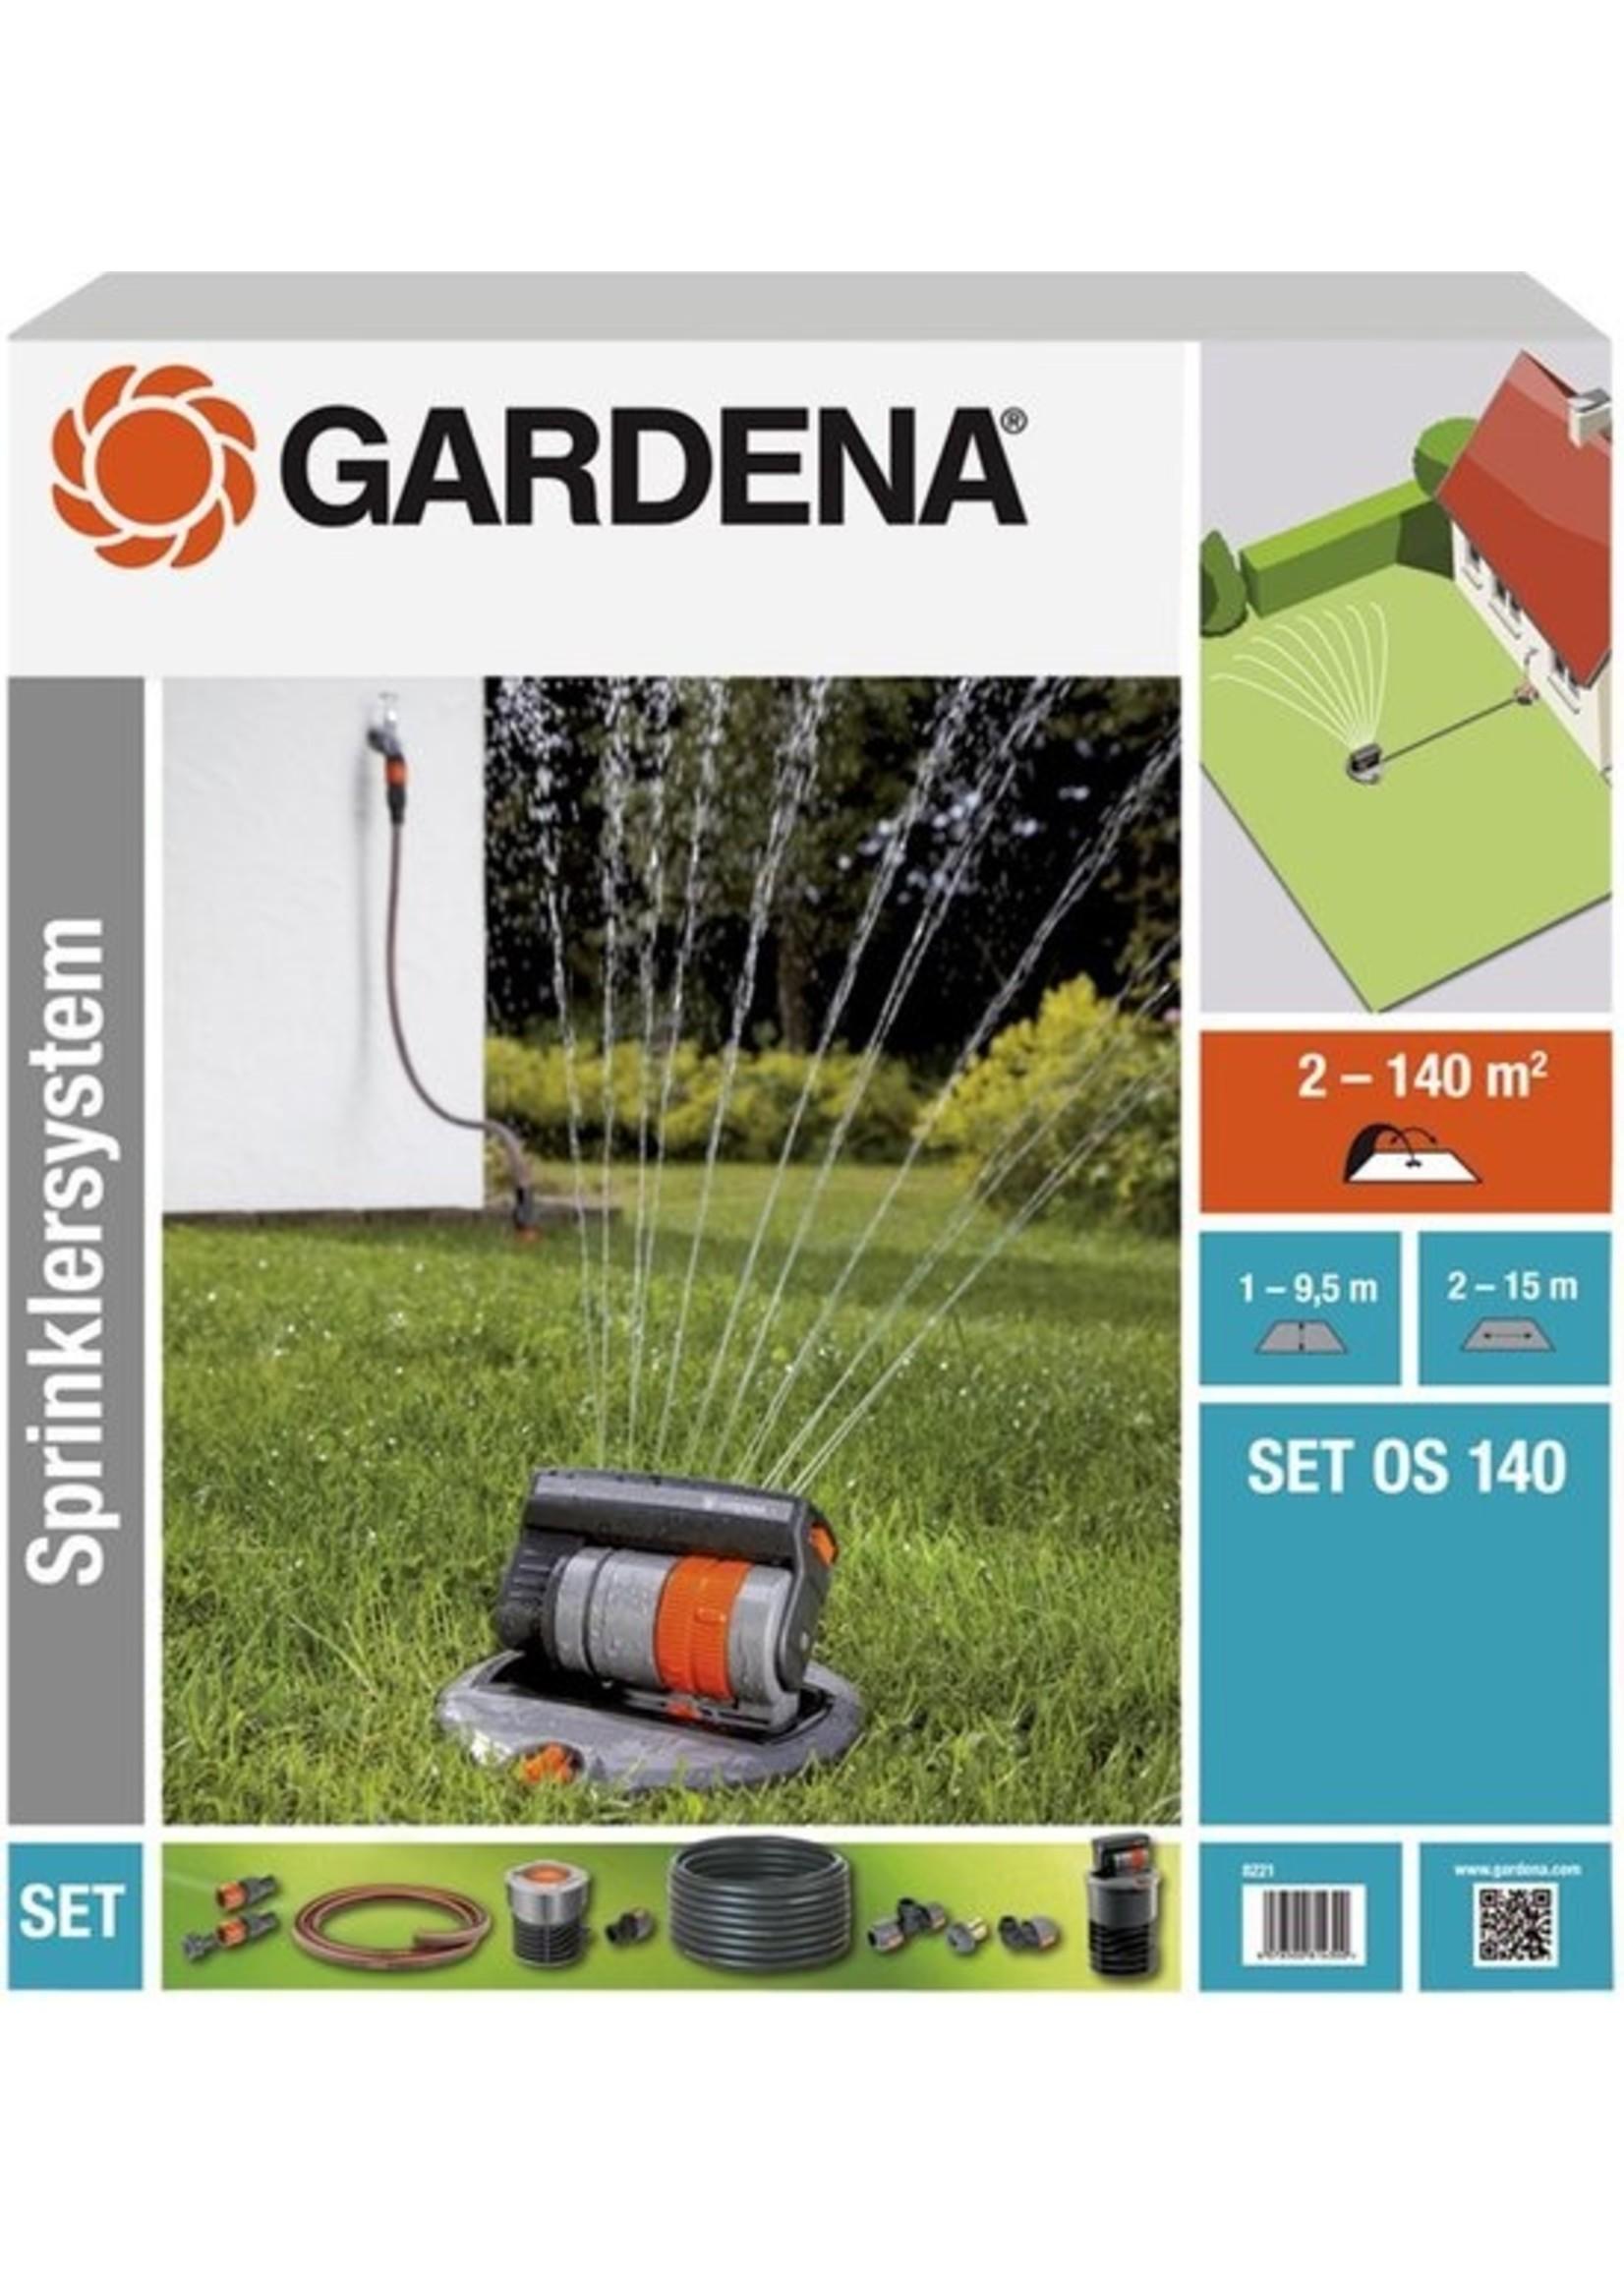 Gardena GARDENA Complete Set Incl. Verzonken Zwenksproeier Tuinsproeier - Gazons tot 140 m² koopjeshoek